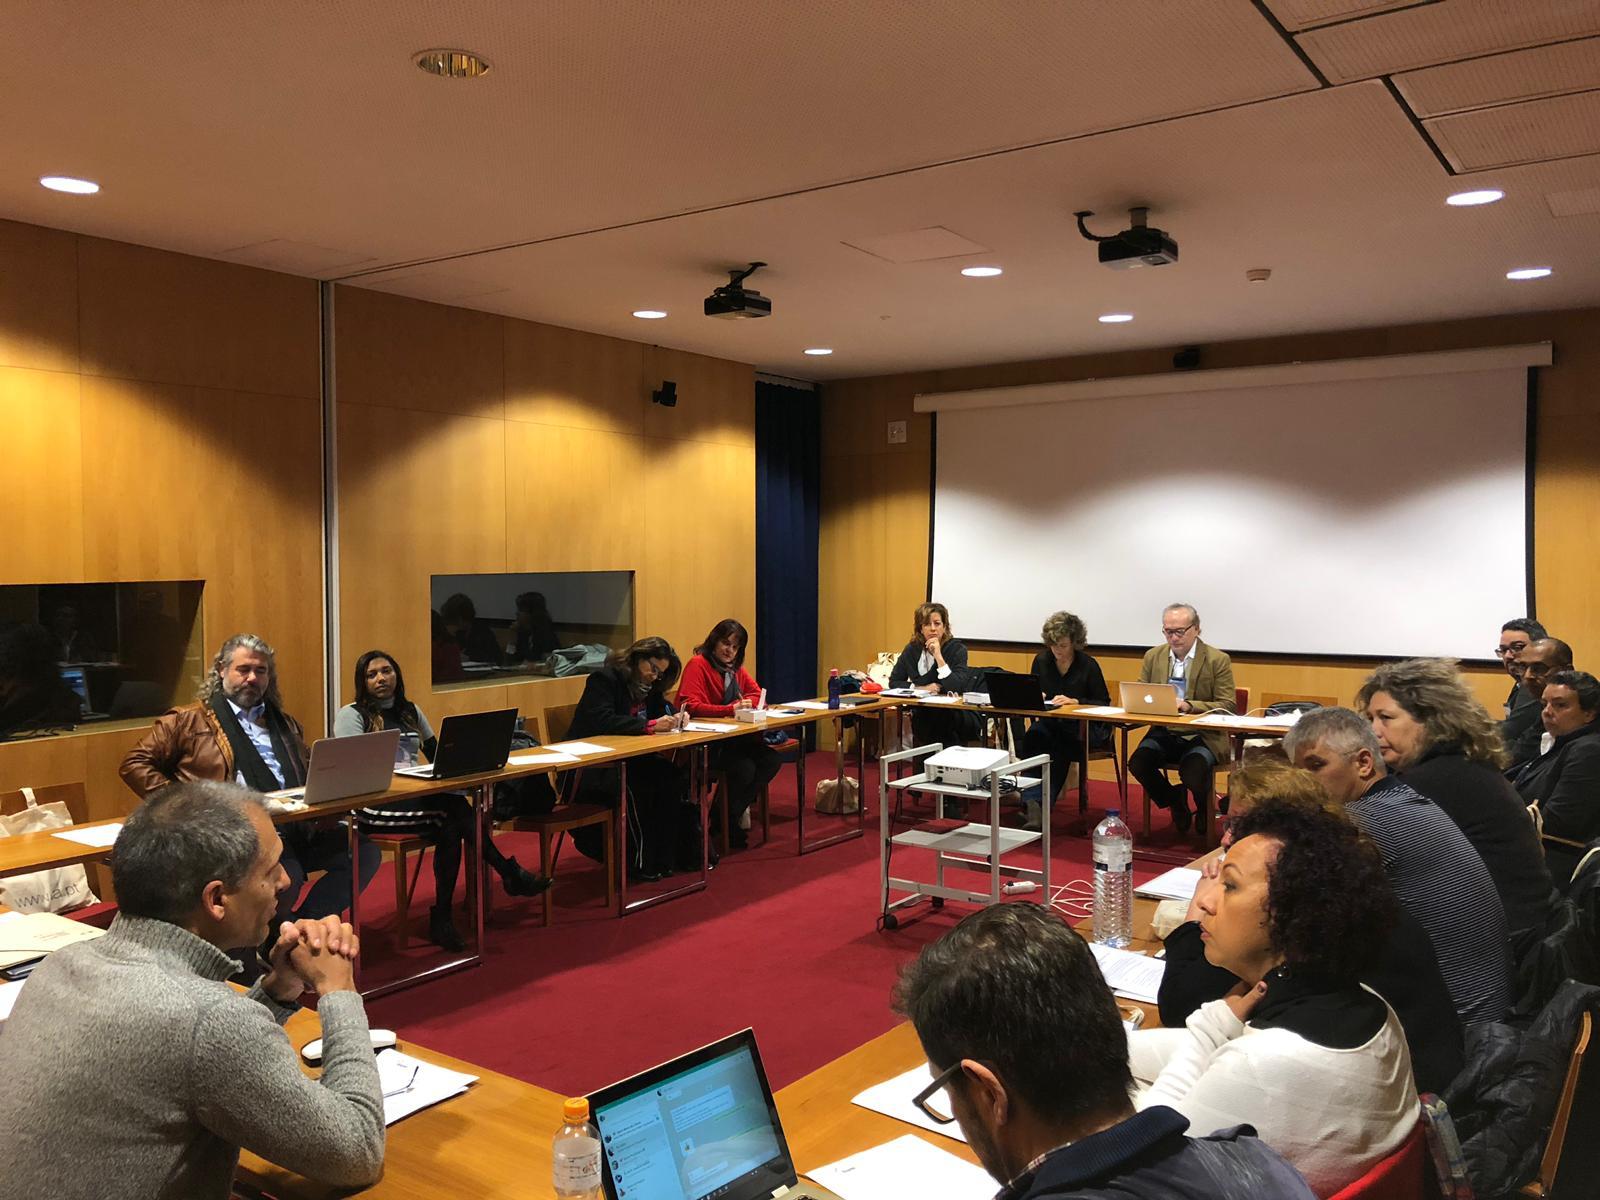 XII Encuentro Científico Internacional de OTIUM en Aveiro / PT